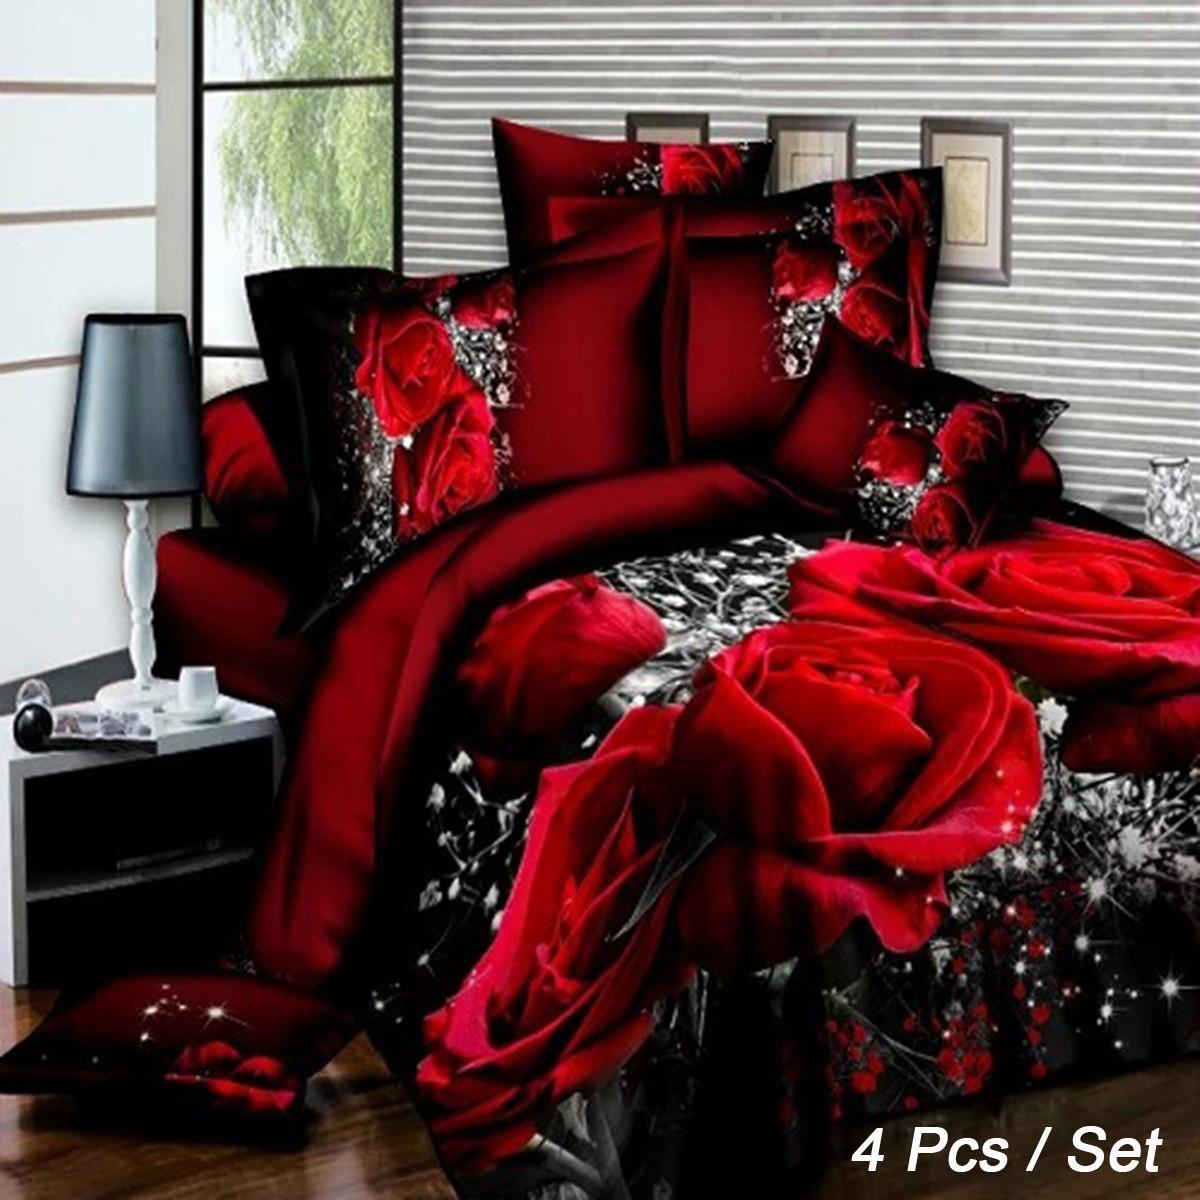 4 шт. 3D-изображения Наборы для постельного белья Комплект подошв 1 Одеяло Обложка 1 Оборудованный лист 2 Подушки